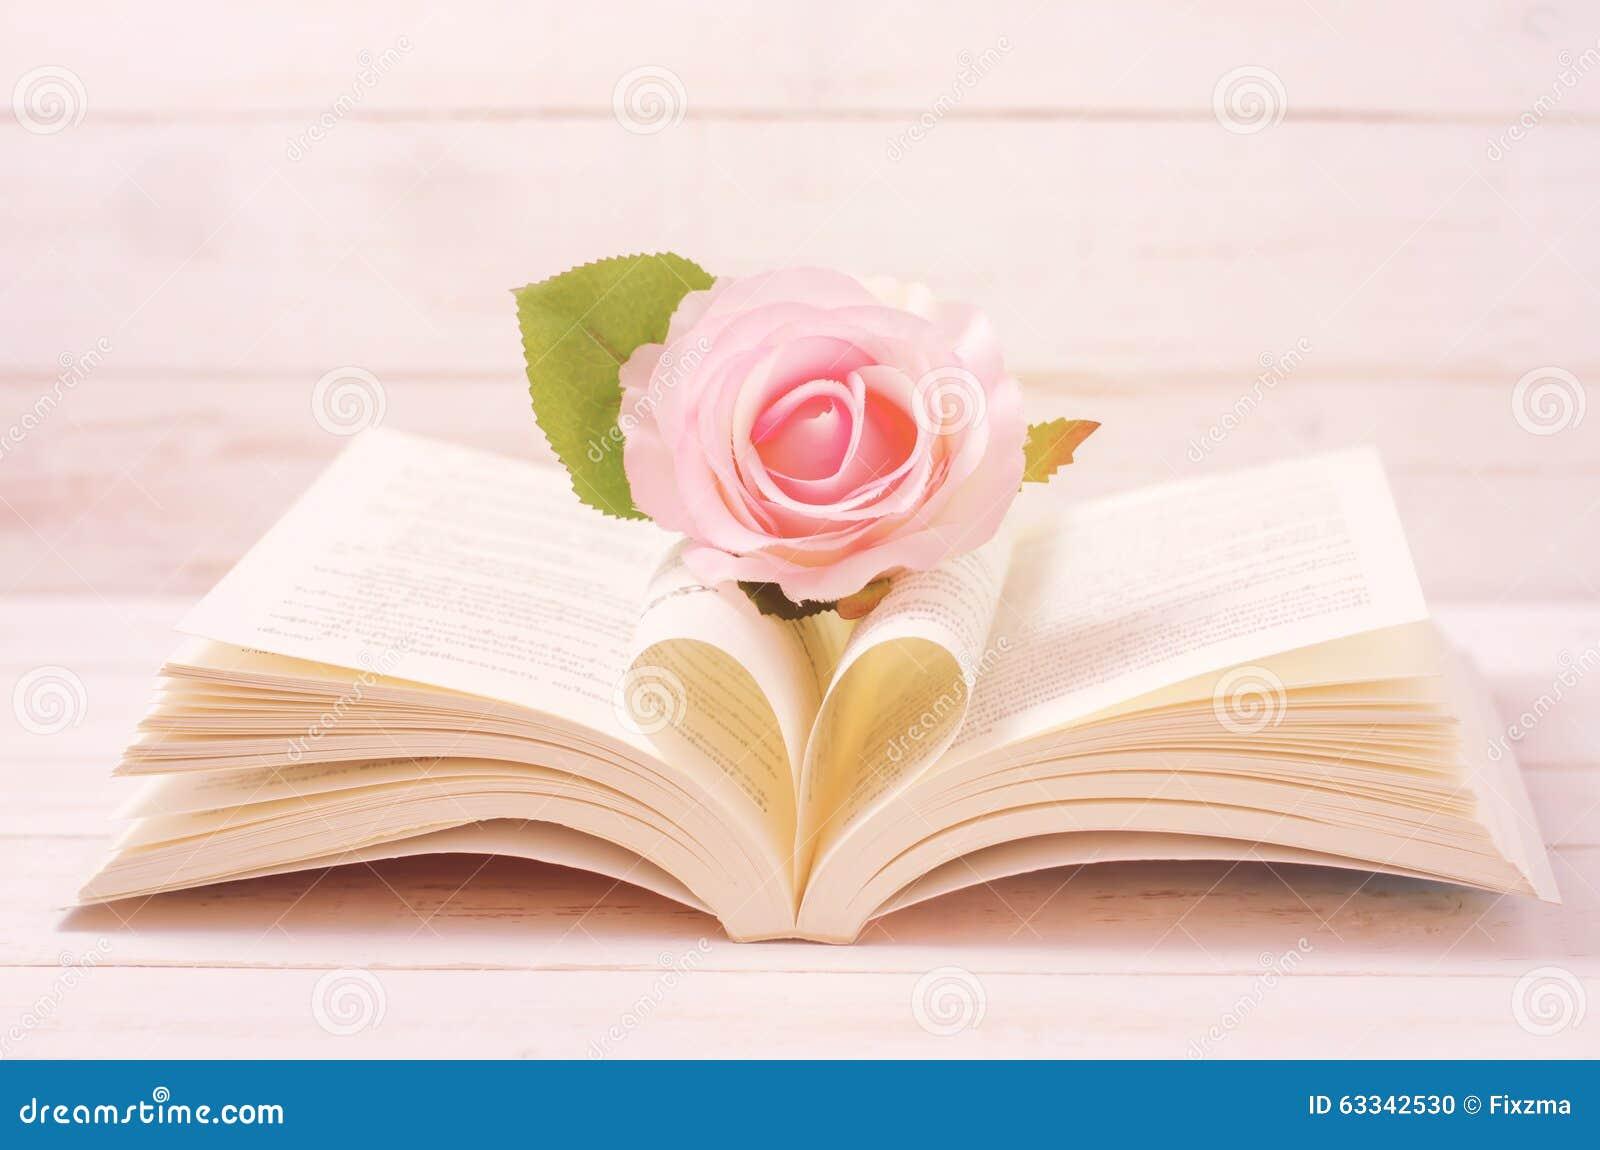 rose en pastel et livre ouvert avec la forme de coeur dans la page moyenne photo stock image. Black Bedroom Furniture Sets. Home Design Ideas